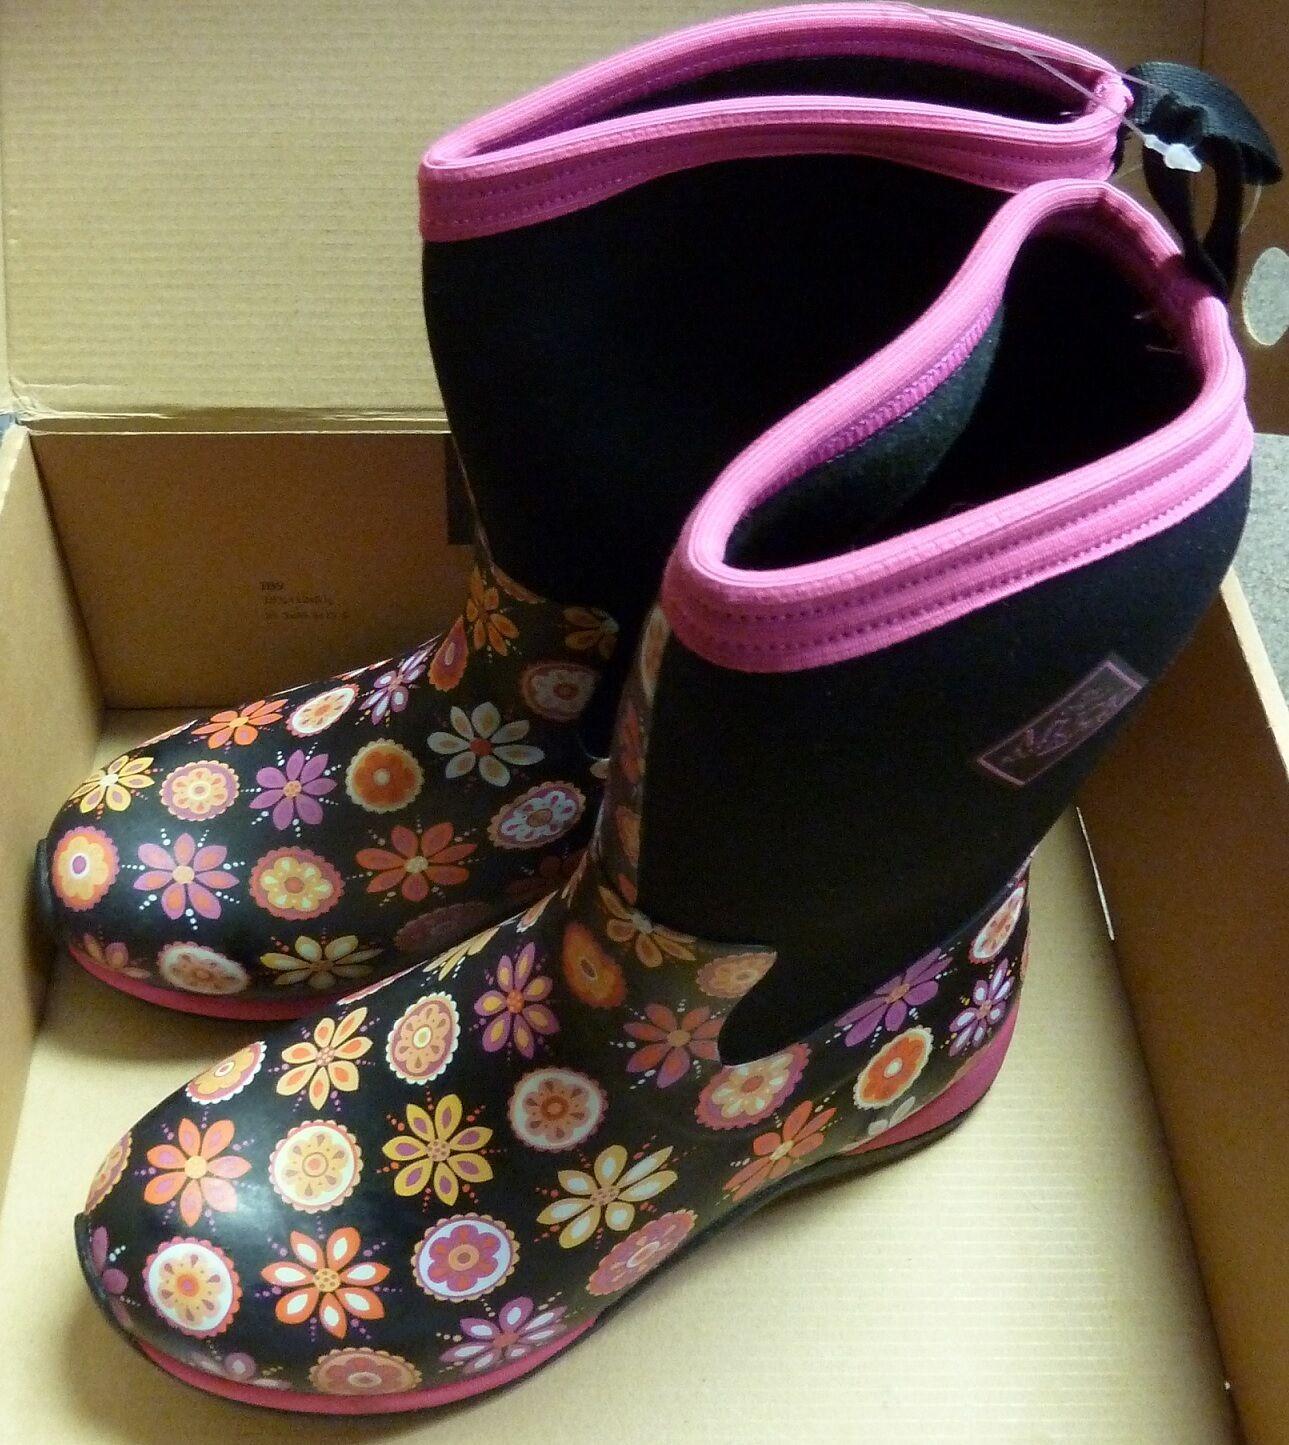 Muck Boots Women's Arctic Weekend Weekend Weekend Boot - Pink Flower Sz 6 b8e694